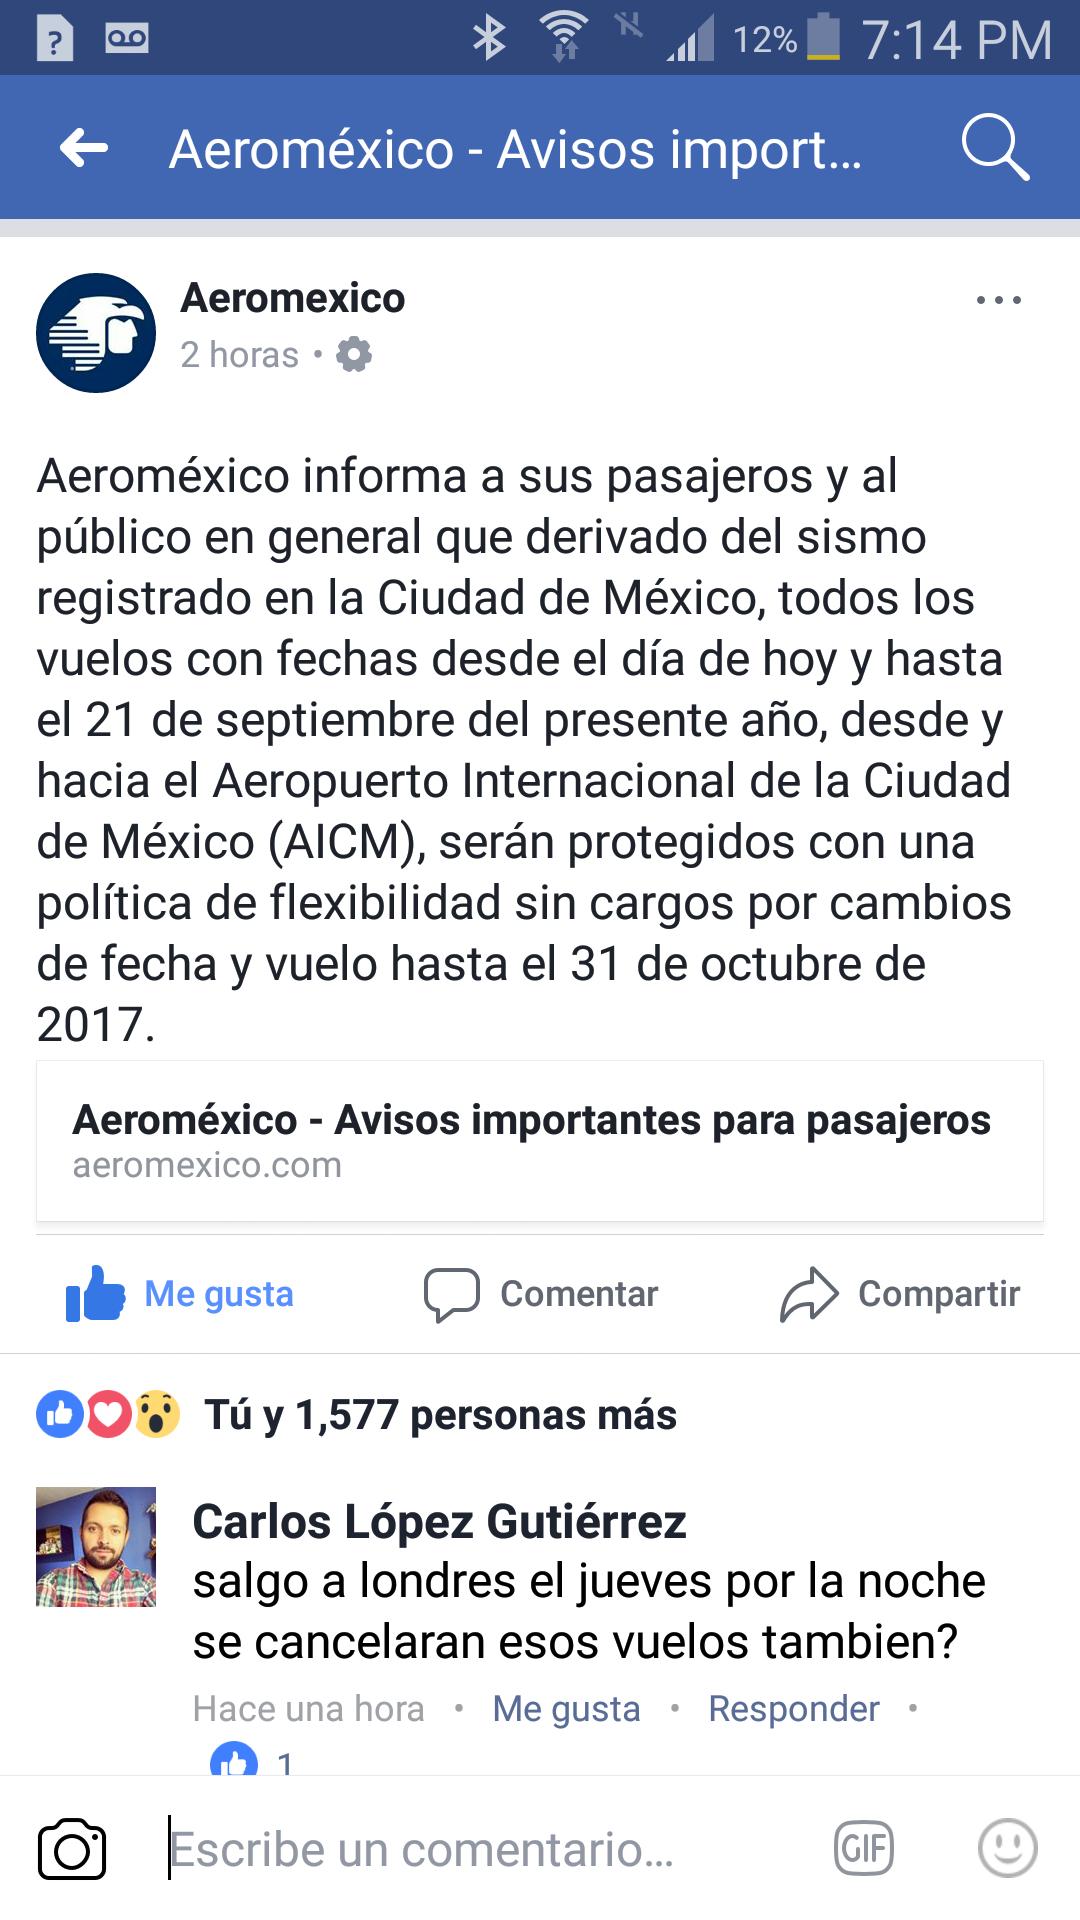 Aeroméxico vuelos protegidos sin cargos del 19 al 21 desde y hacia DF (AICM)